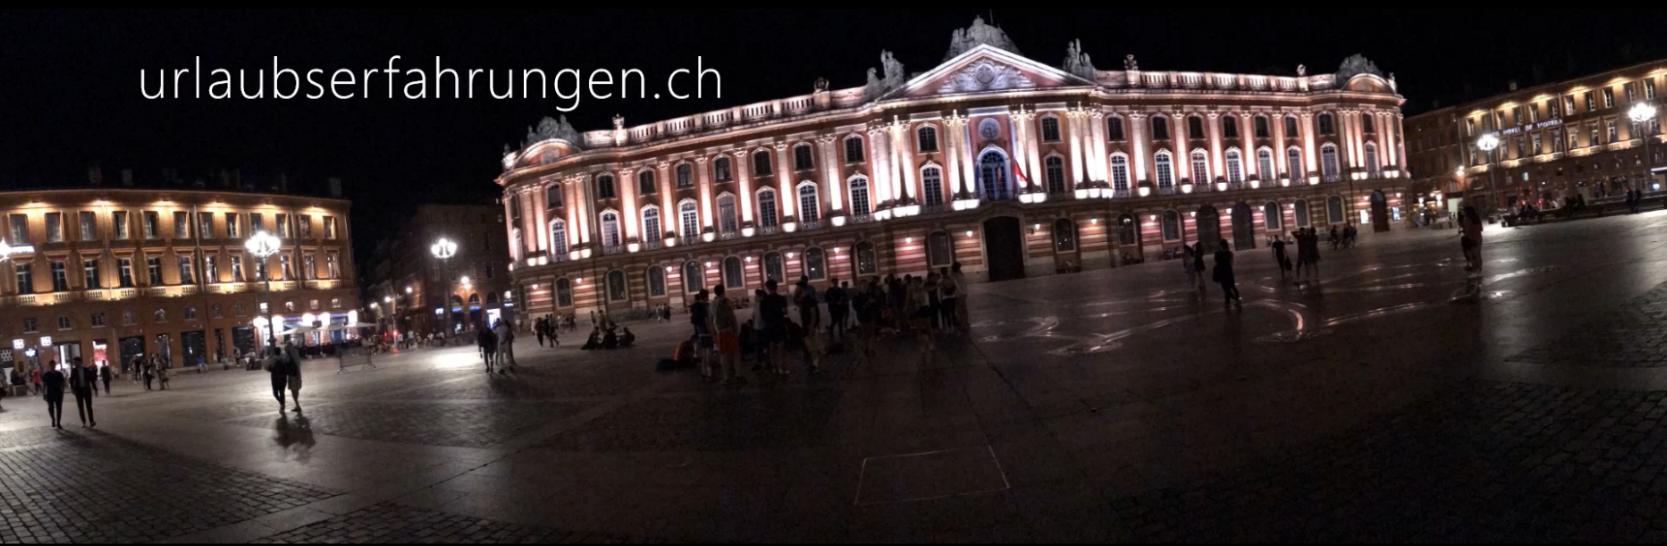 Reisebericht von Toulouse - Urlaubserfahrungen beim Sightseeing.